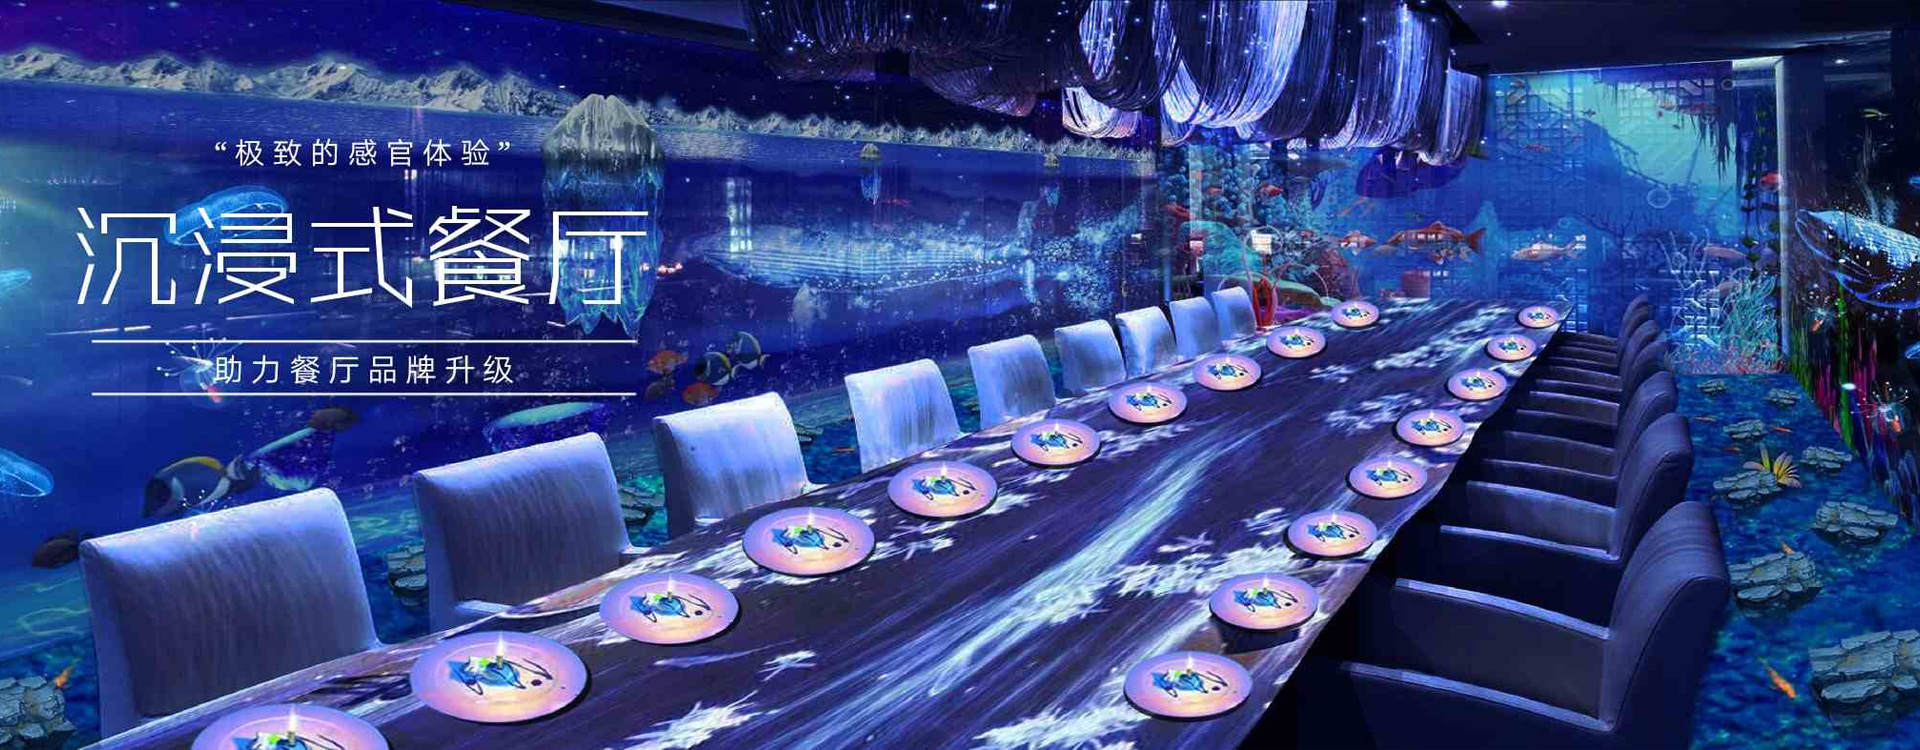 沉浸式餐厅